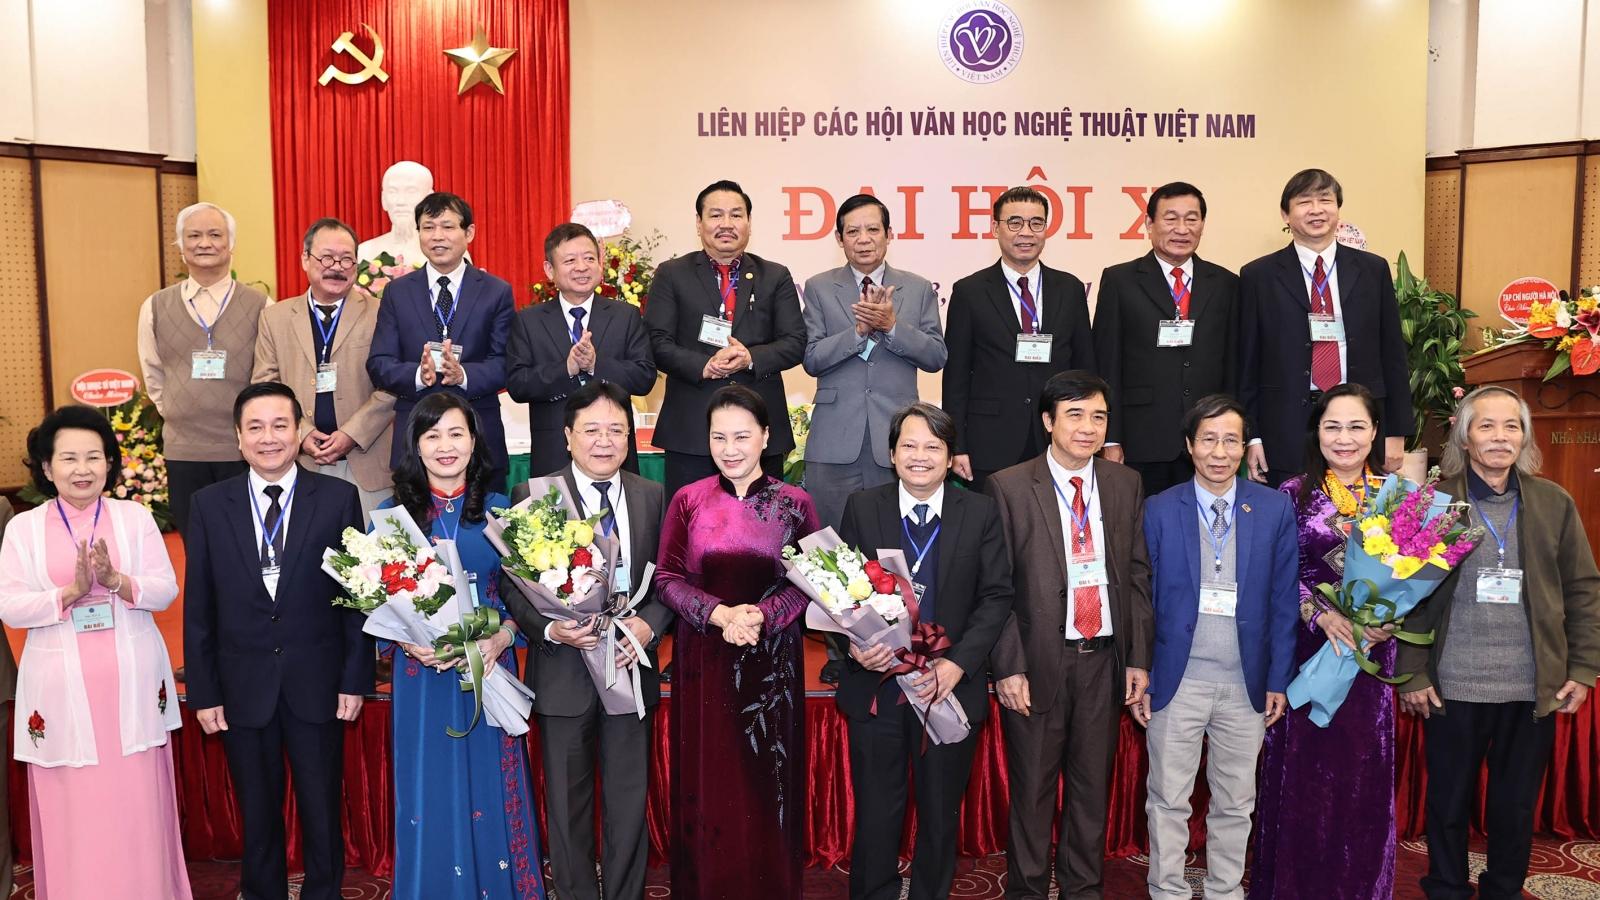 Chủ tịch Quốc hội dự Đại hội Liên hiệp các Hội văn học nghệ thuật Việt Nam